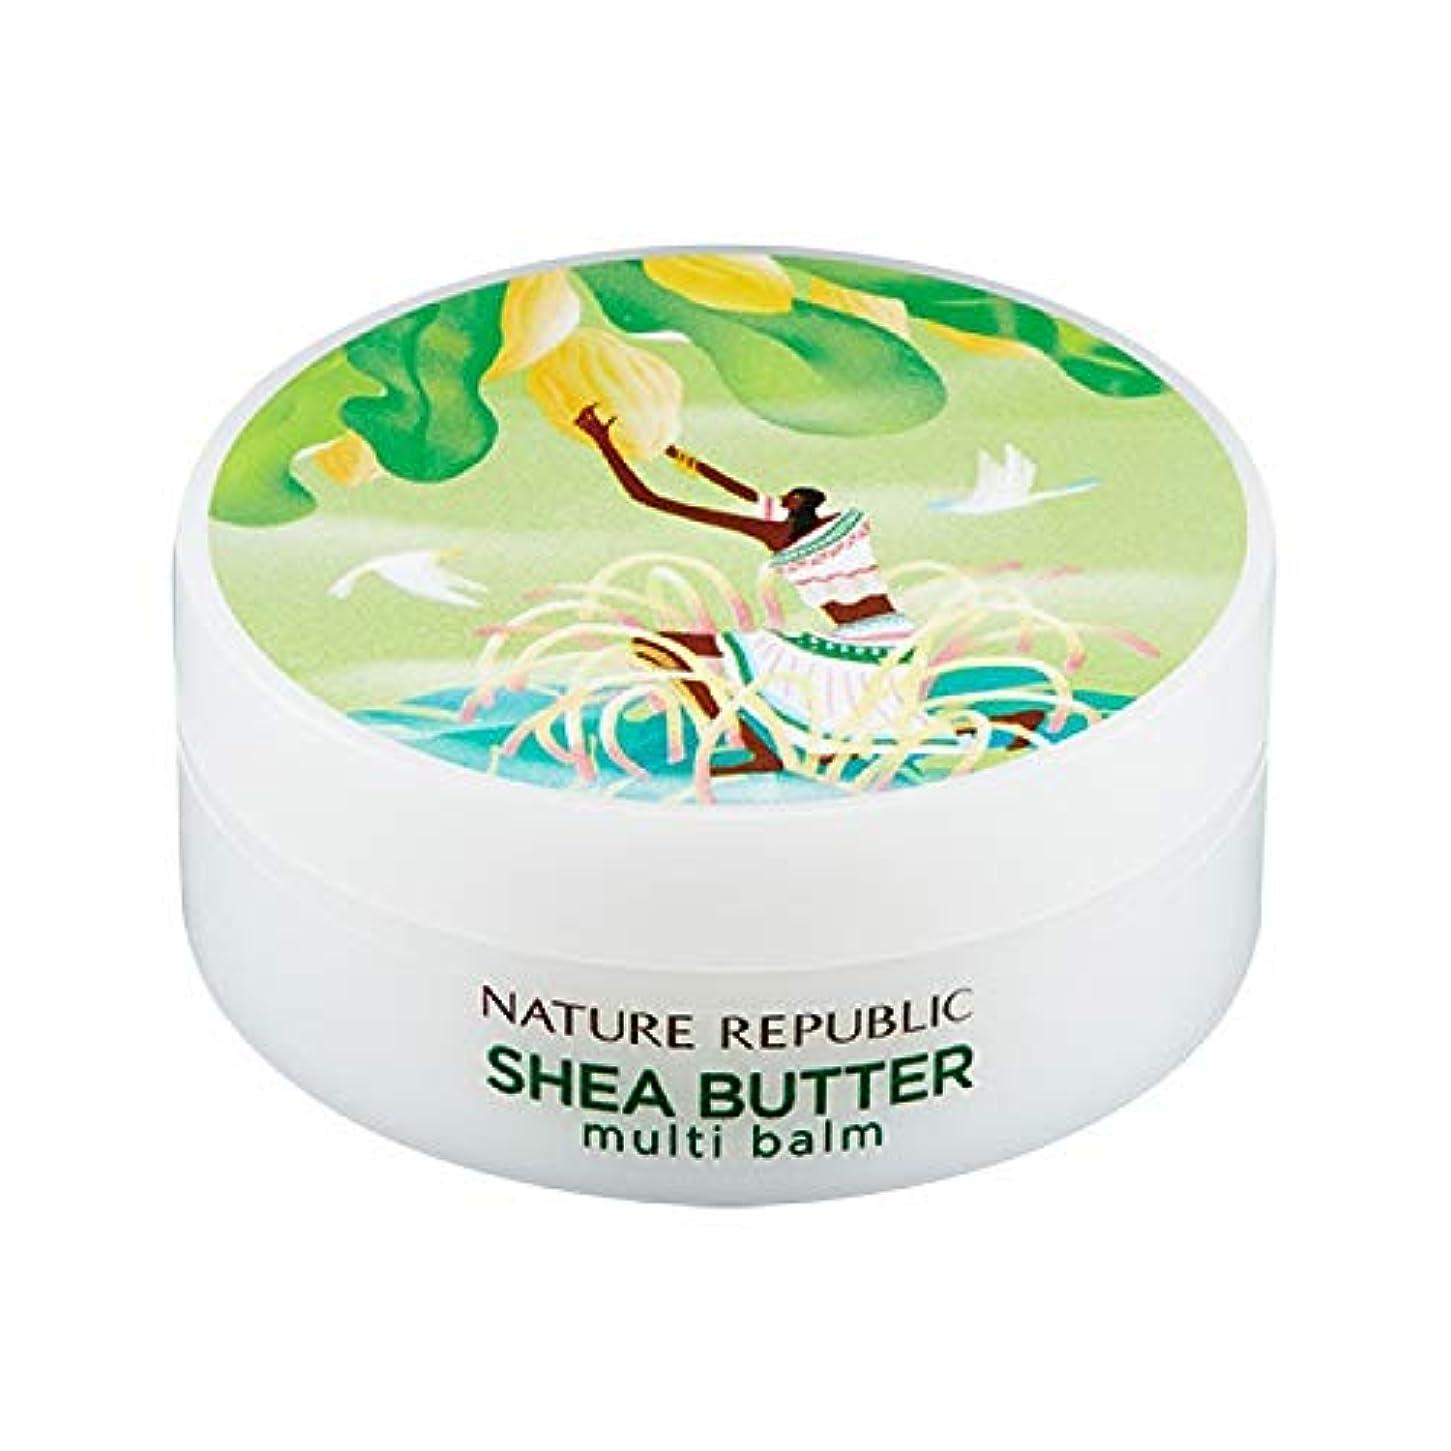 実施するバランスロッドネイチャーリパブリック(Nature Republic)シェアバターマルチバーム 20g / Shea butter multi balm 20g :: 韓国コスメ [並行輸入品]